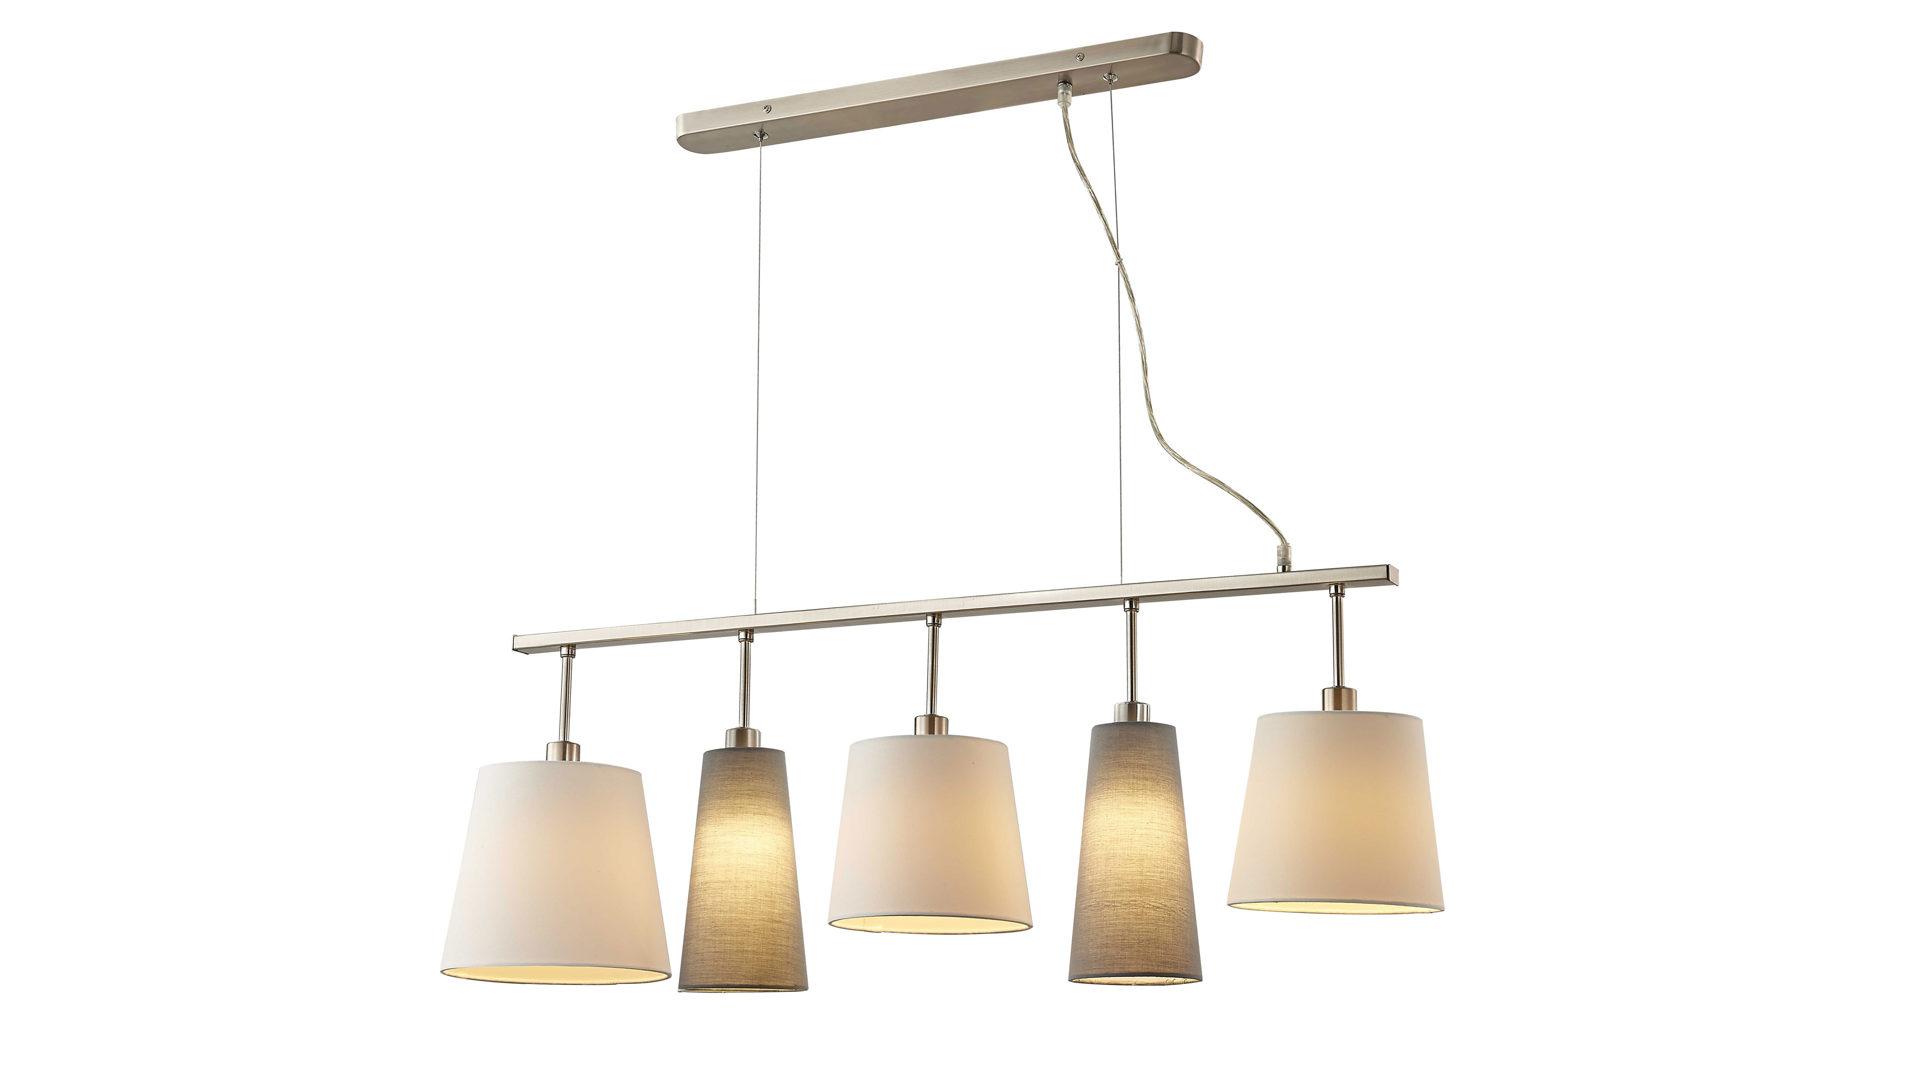 Möbel bohn crailsheim räume esszimmer lampen leuchten